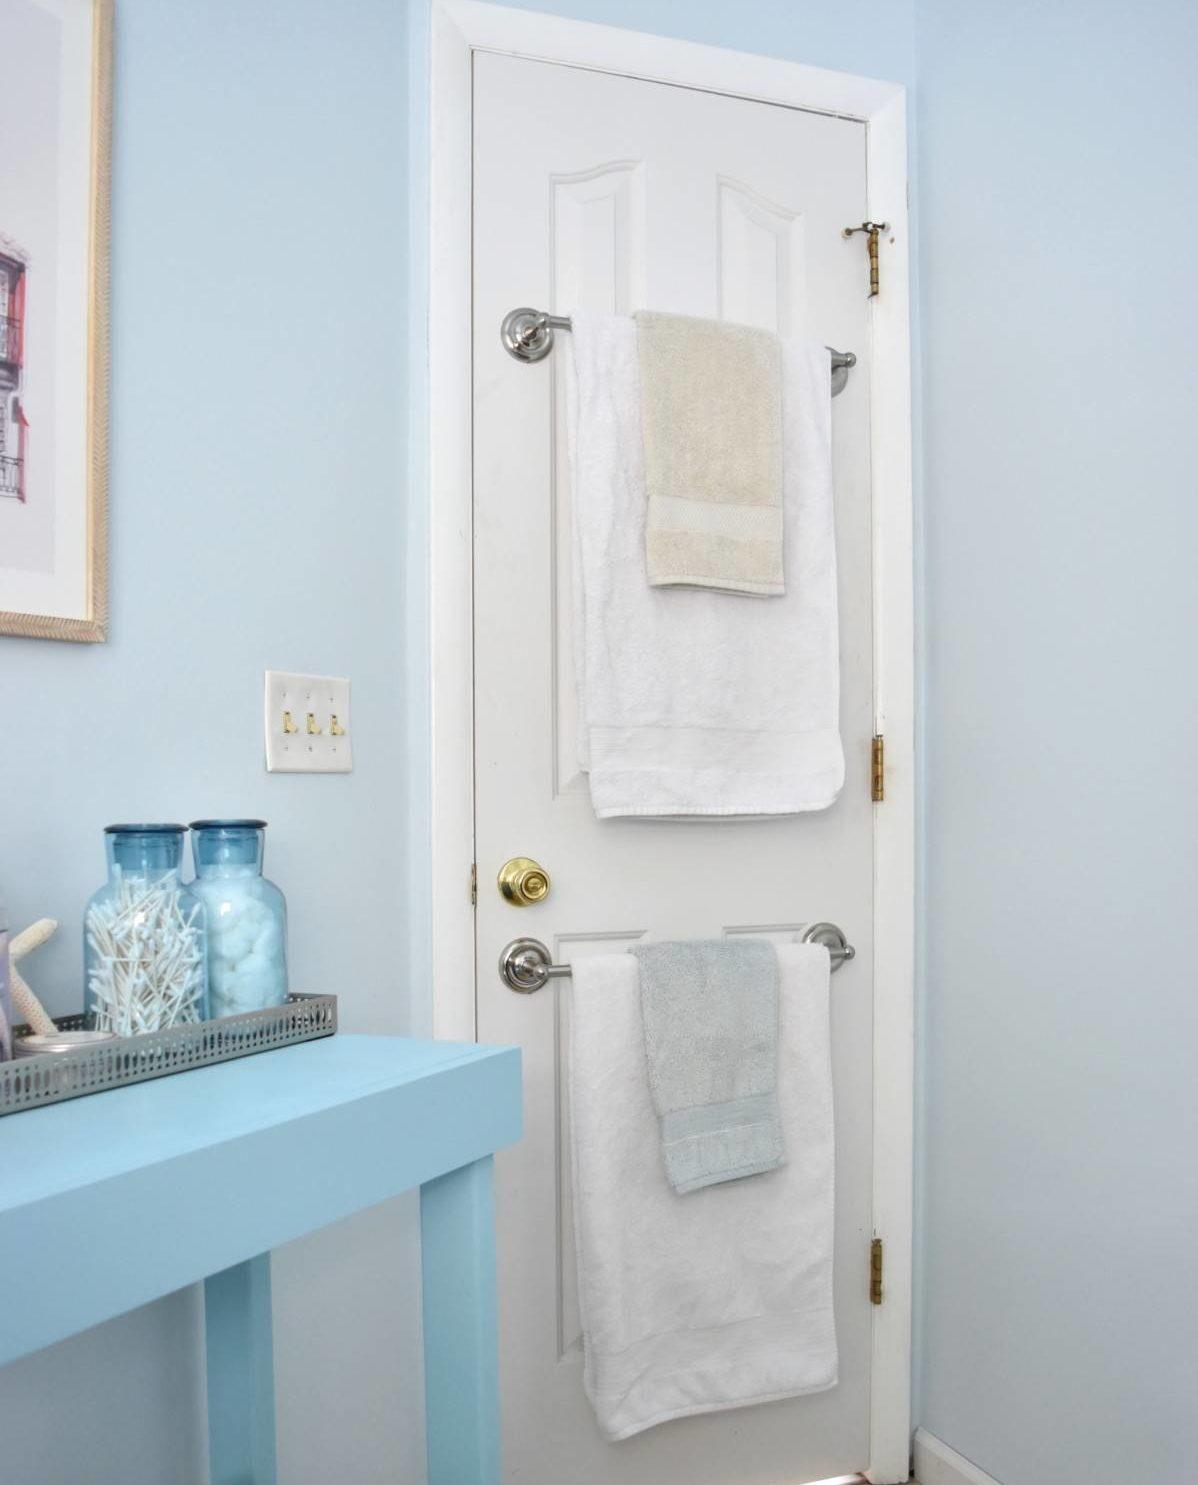 Ý tưởng lưu trữ khăn tắm thông minh giúp không gian vừa gọn gàng vừa sang trọng - Ảnh 2.